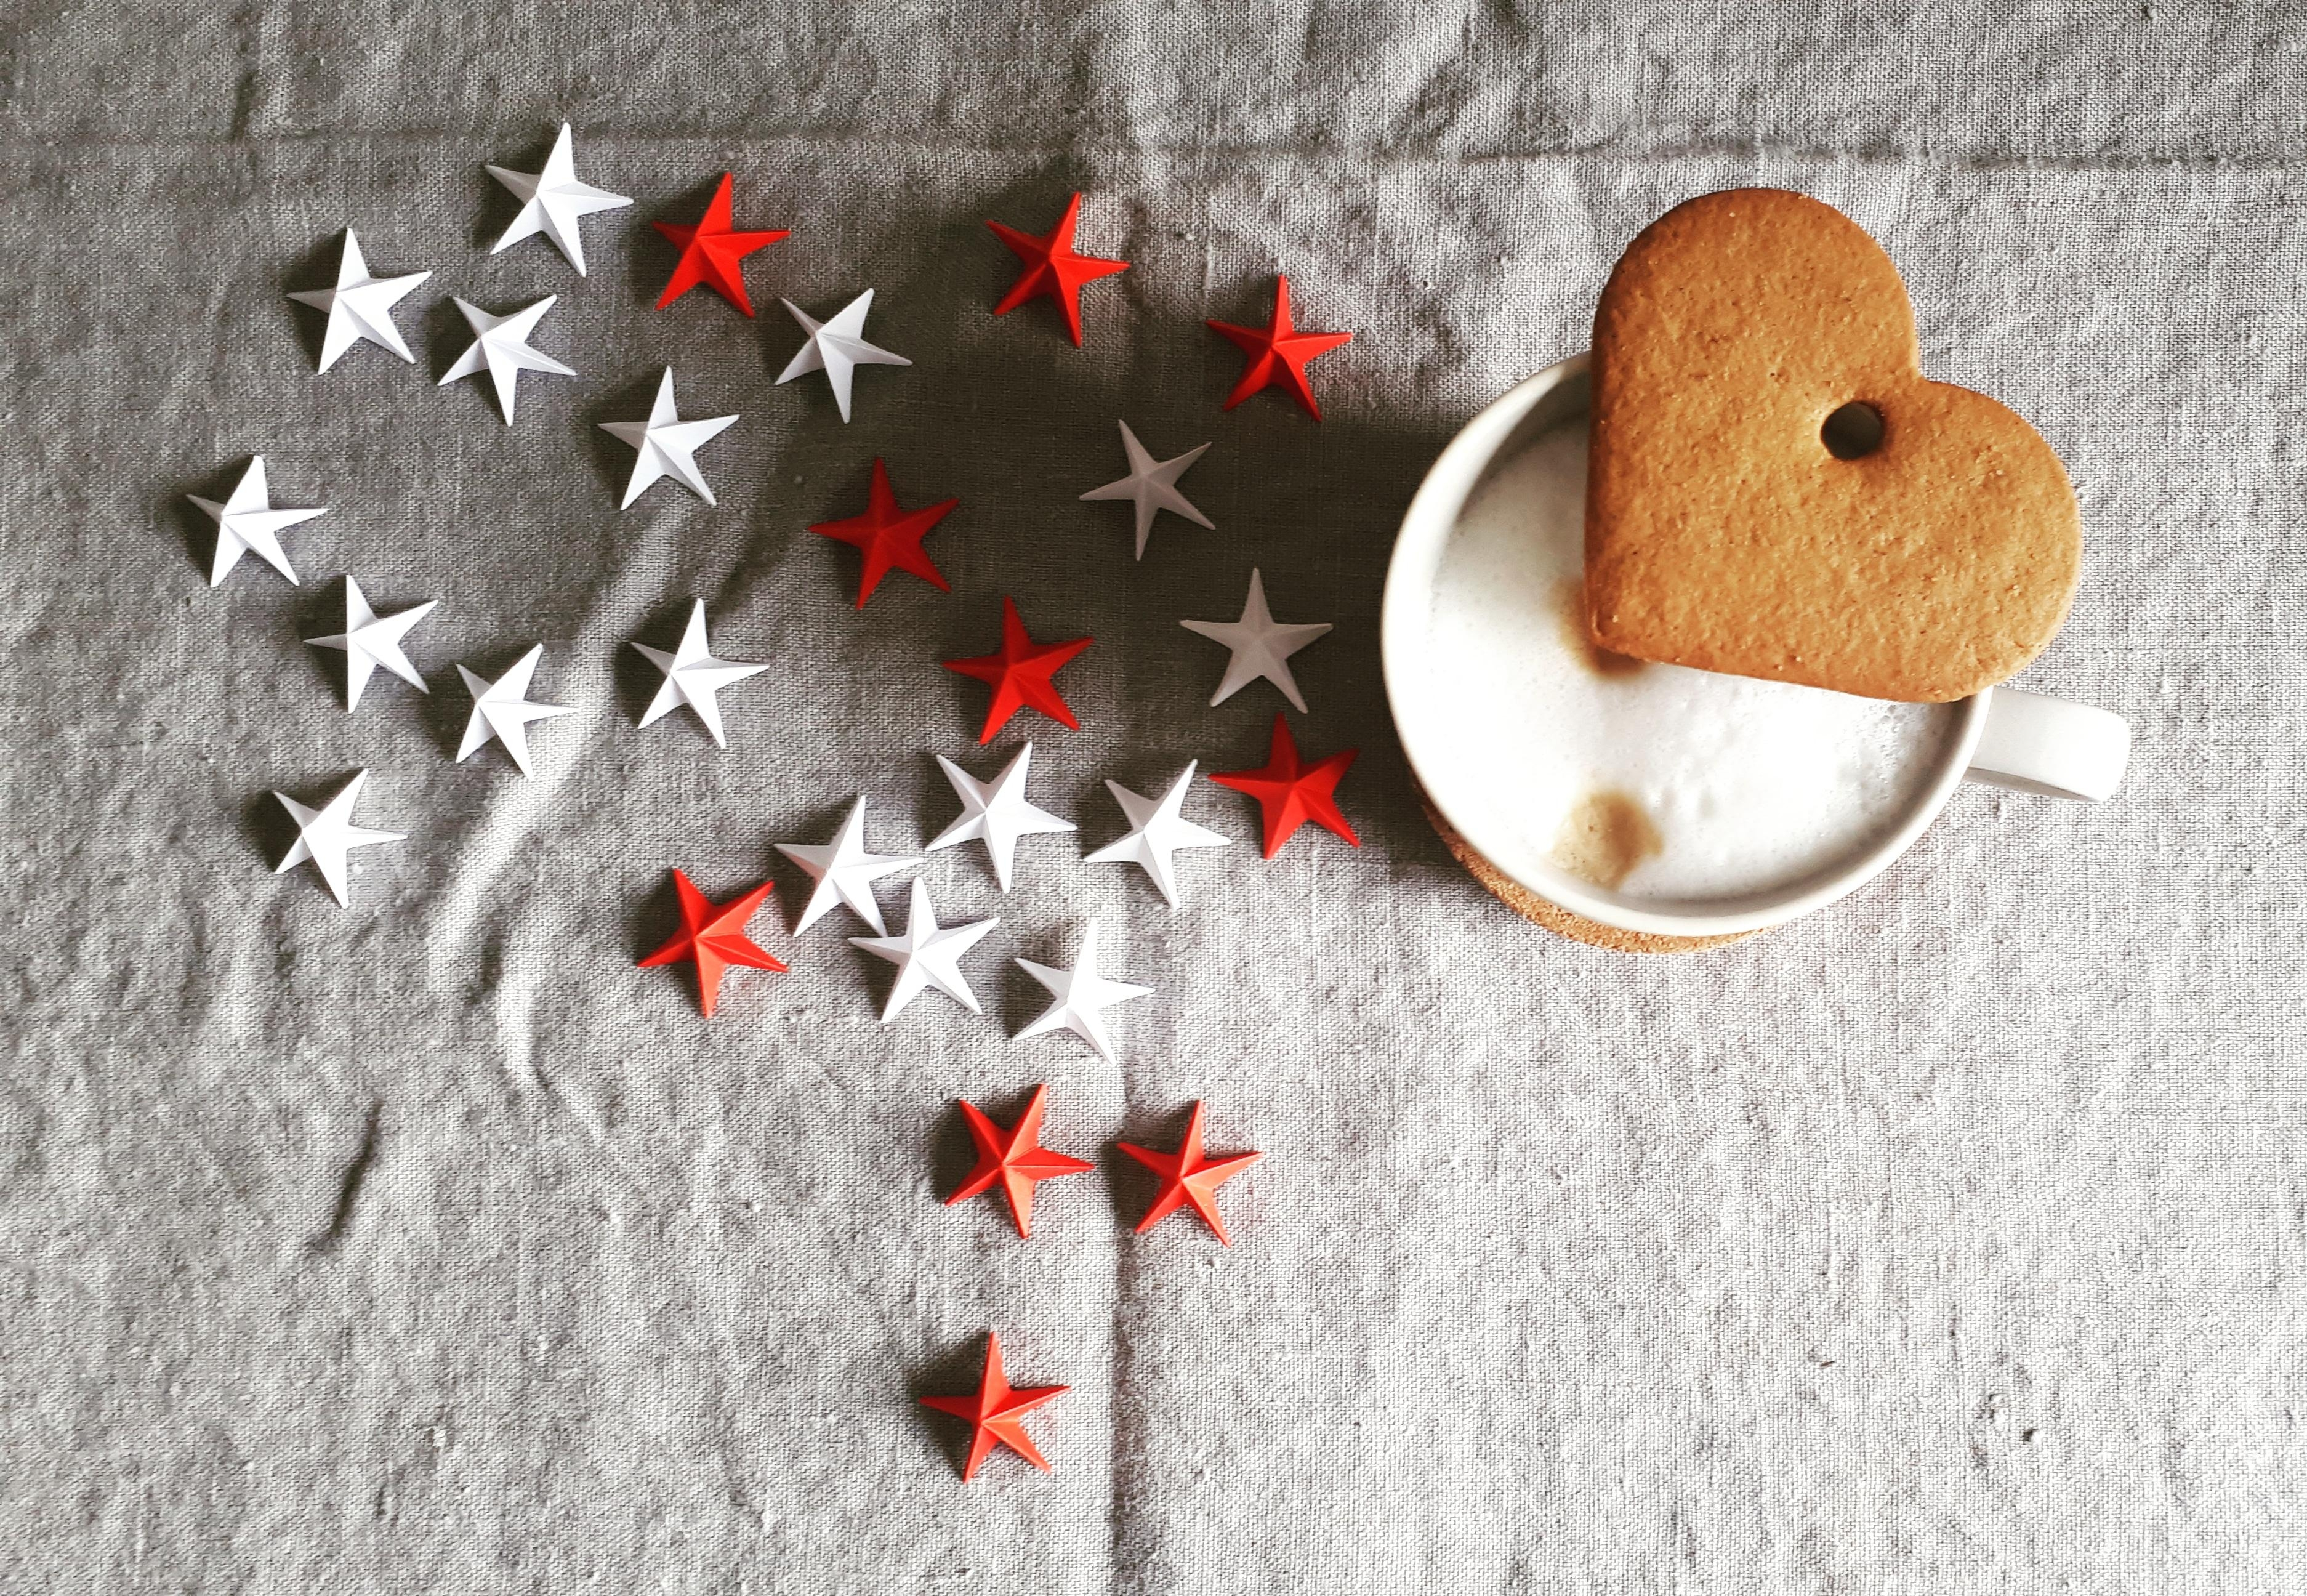 Weihnachtsdeko Papiersterne.Hello Coffee Lovers Coffee Kaffee Weihnachtsdeko